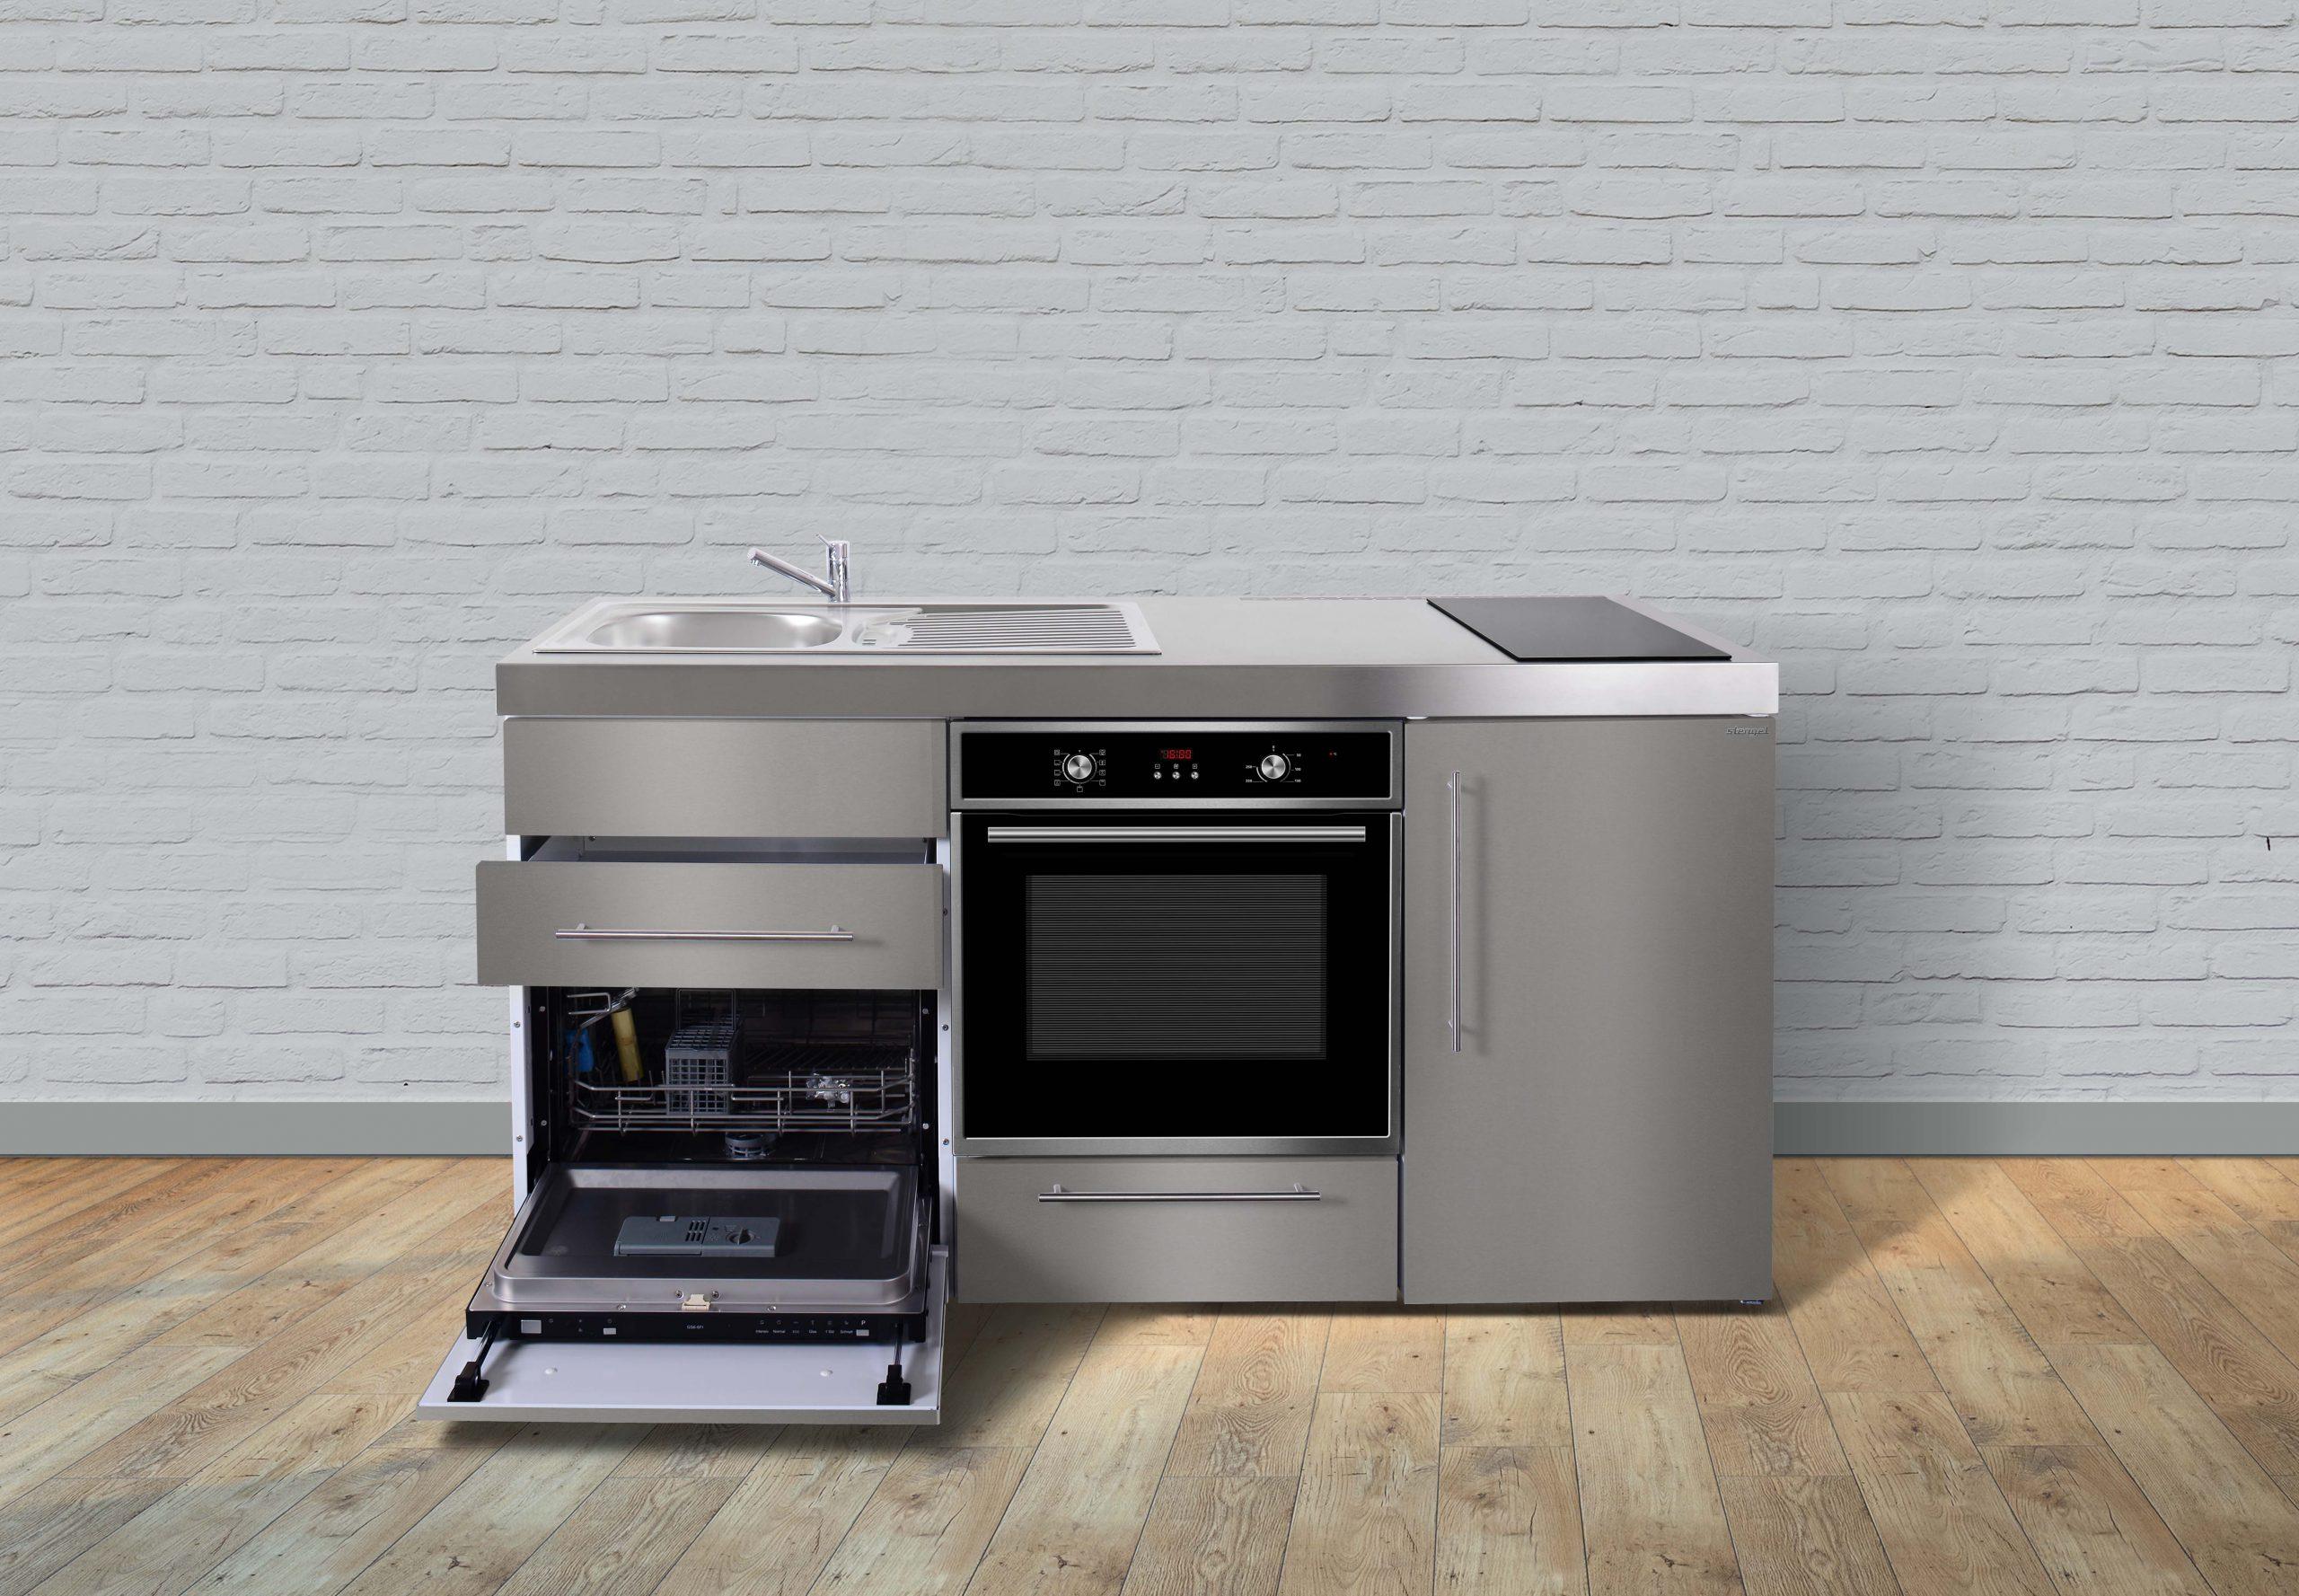 Full Size of Miniküche Neu Kaufen Miniküche 120 Cm Mit Kühlschrank Miniküche Auf Rollen Miniküche Liebherr Küche Miniküche